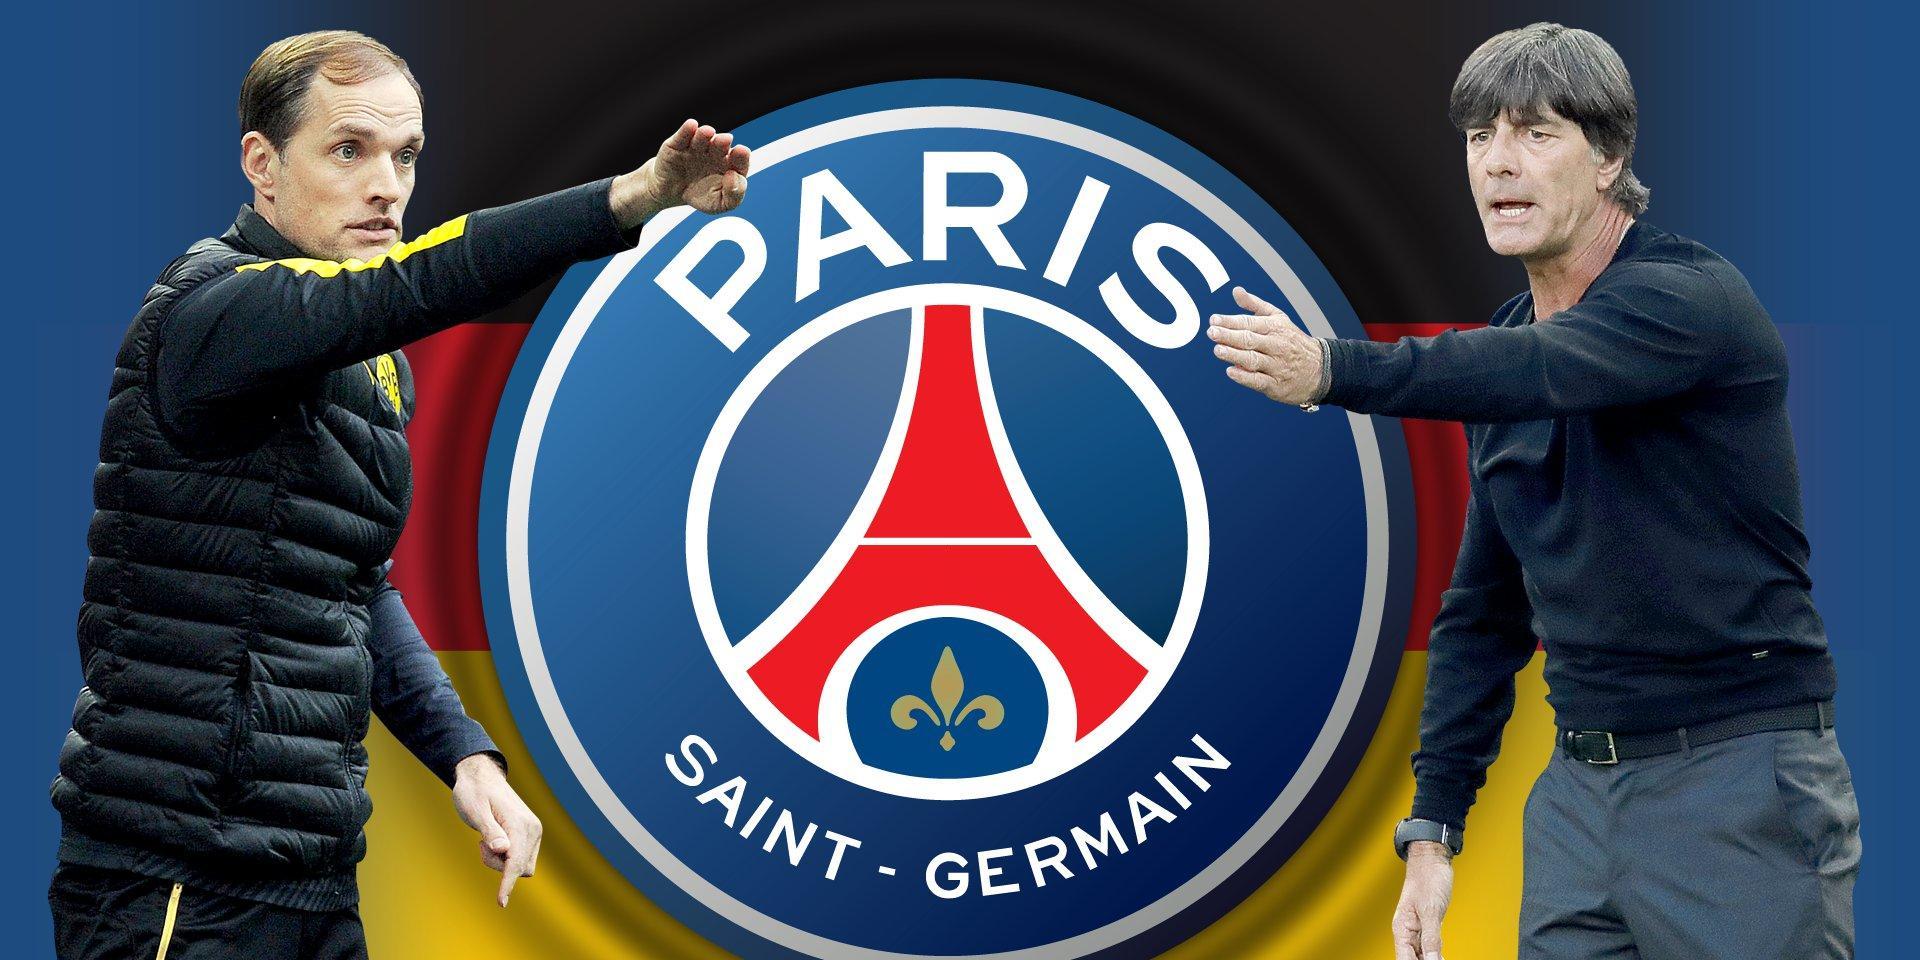 队报:巴黎有意邀图赫尔替代埃梅里,俱乐部高层更青睐勒夫